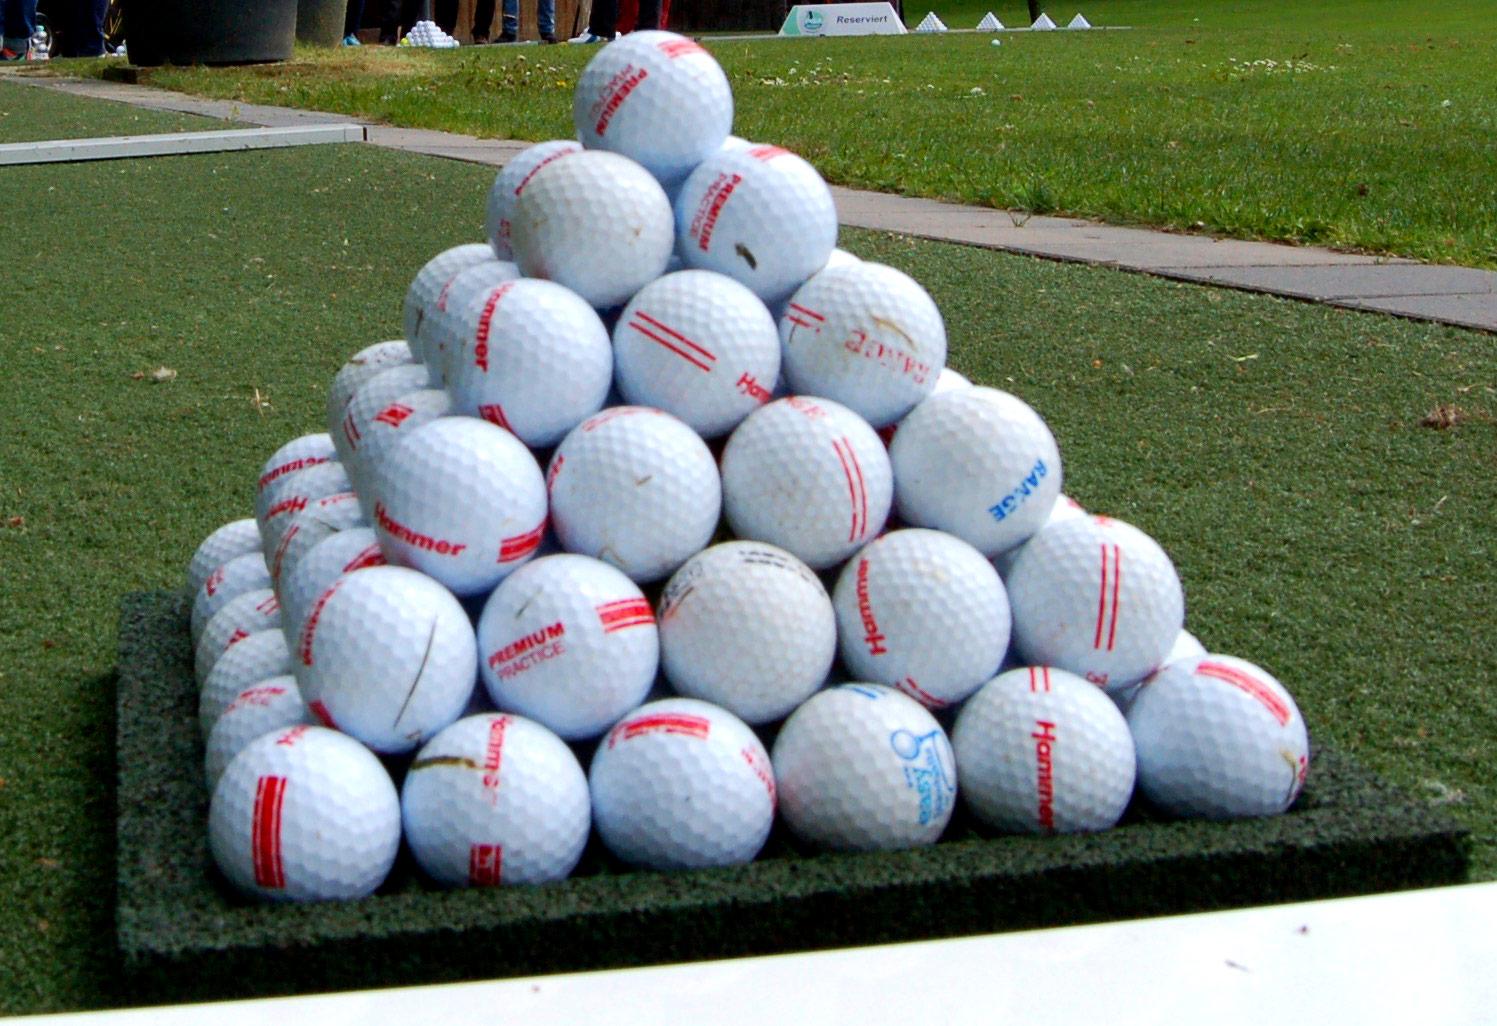 Golfbälle auf dem Golfplatz Obernkirchen